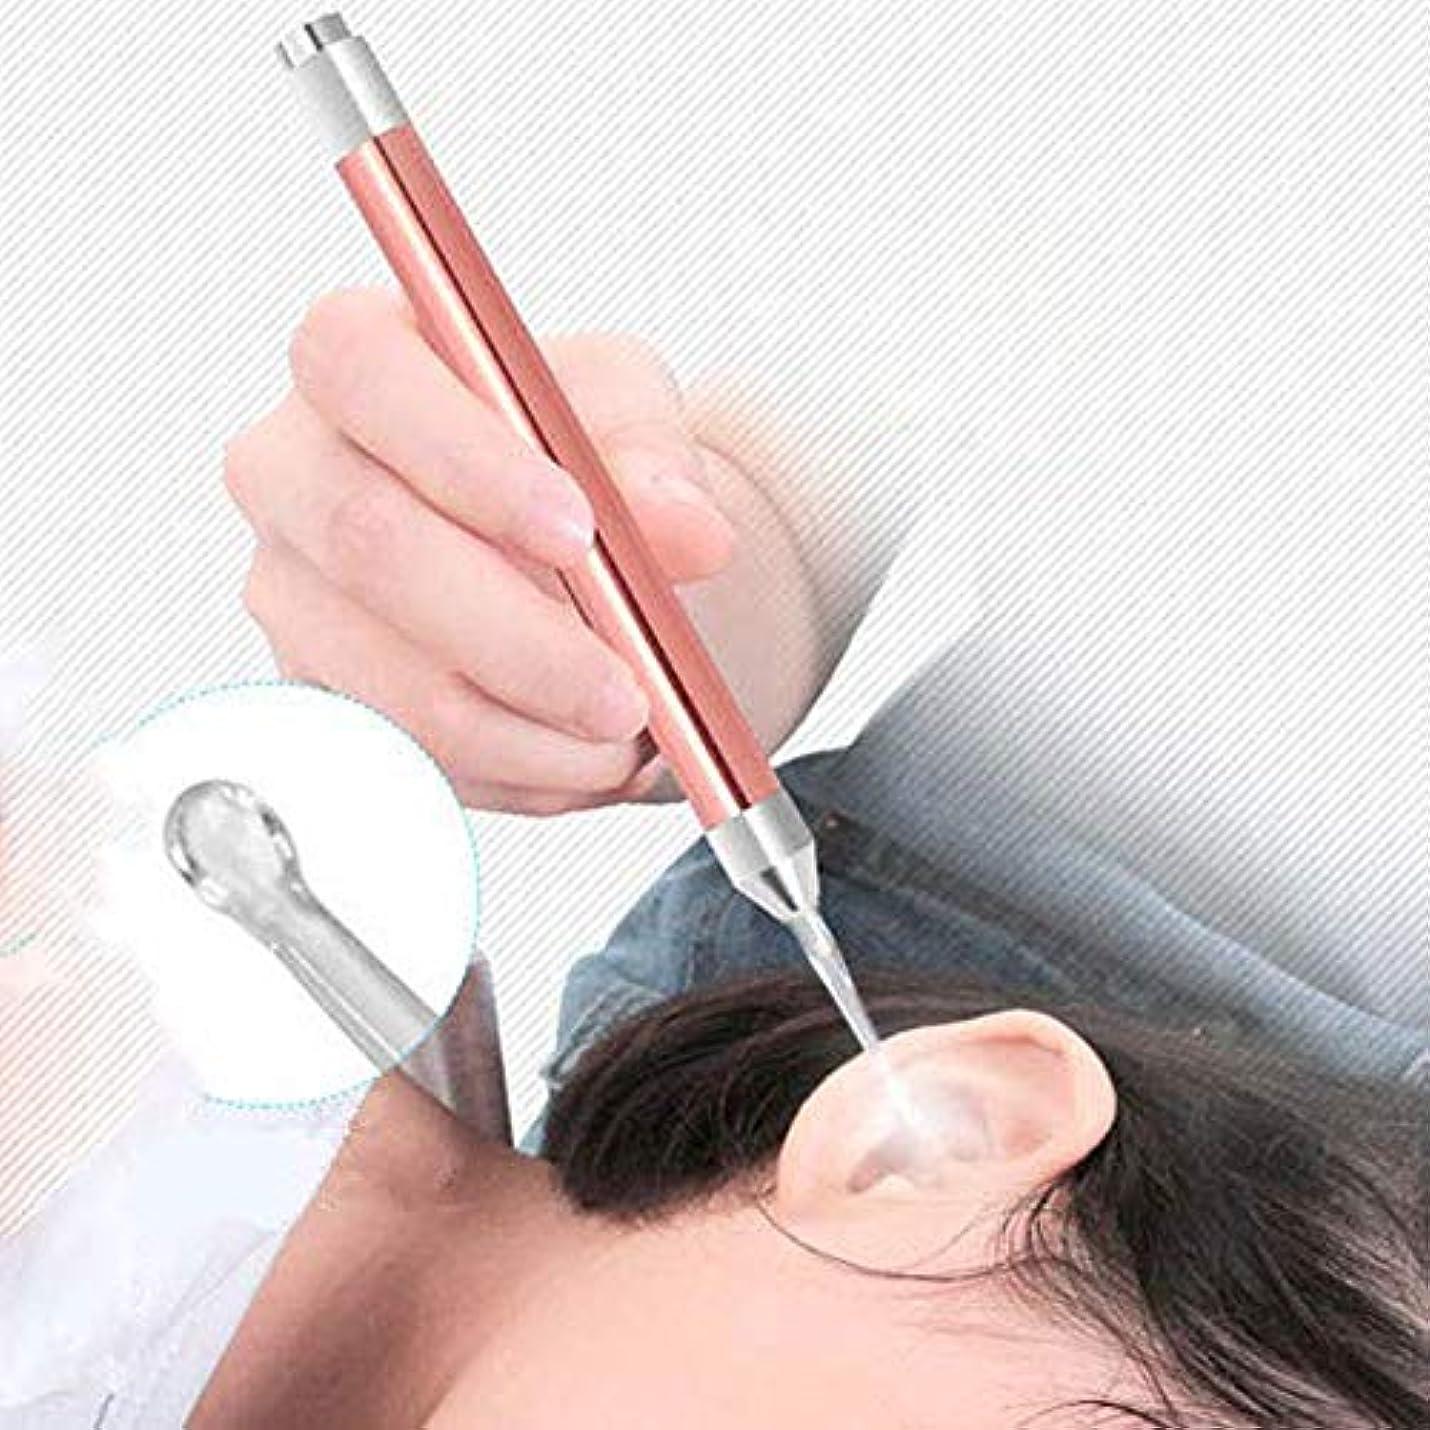 構成放課後男やもめLindexs LEDライト付き耳かき 耳ケア ledライト付き 耳掃除 耳垢除去 光棒 はっきり見える 楽に耳垢をとる 収納ケース付 (ローズゴールド)